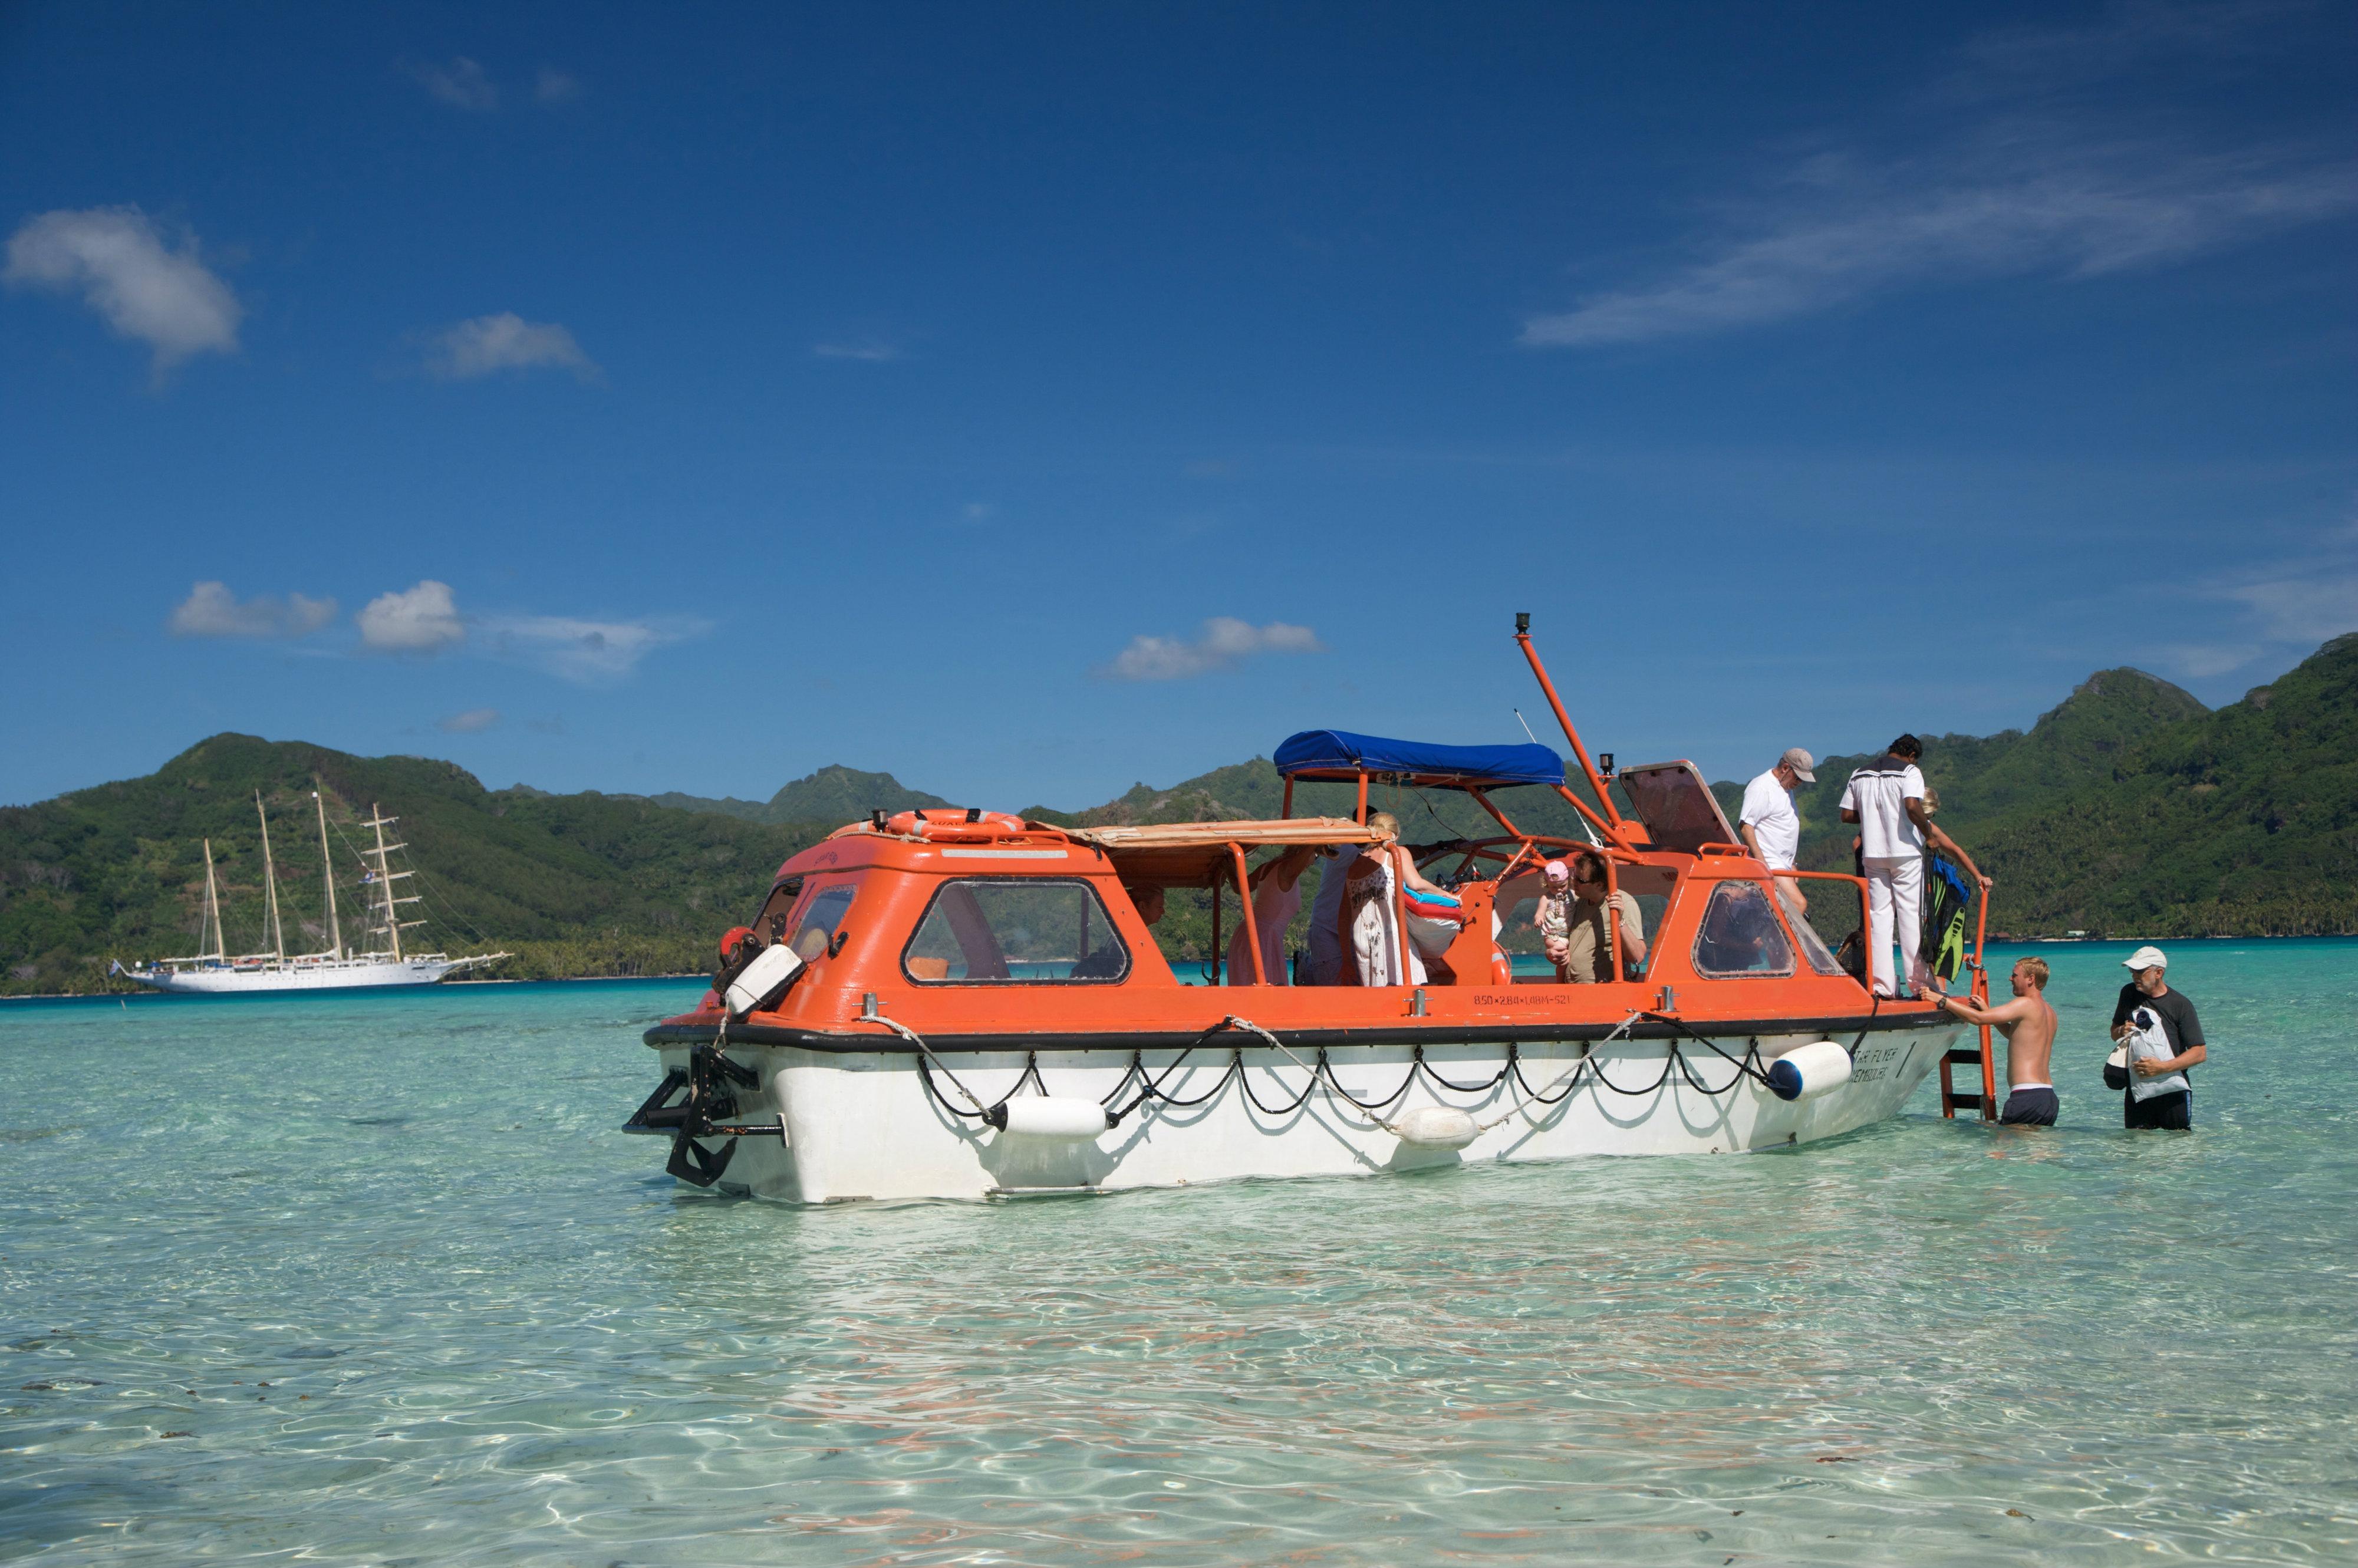 Segelurlaub in der Karibik mit dem Starflyer   ADAC Reisen